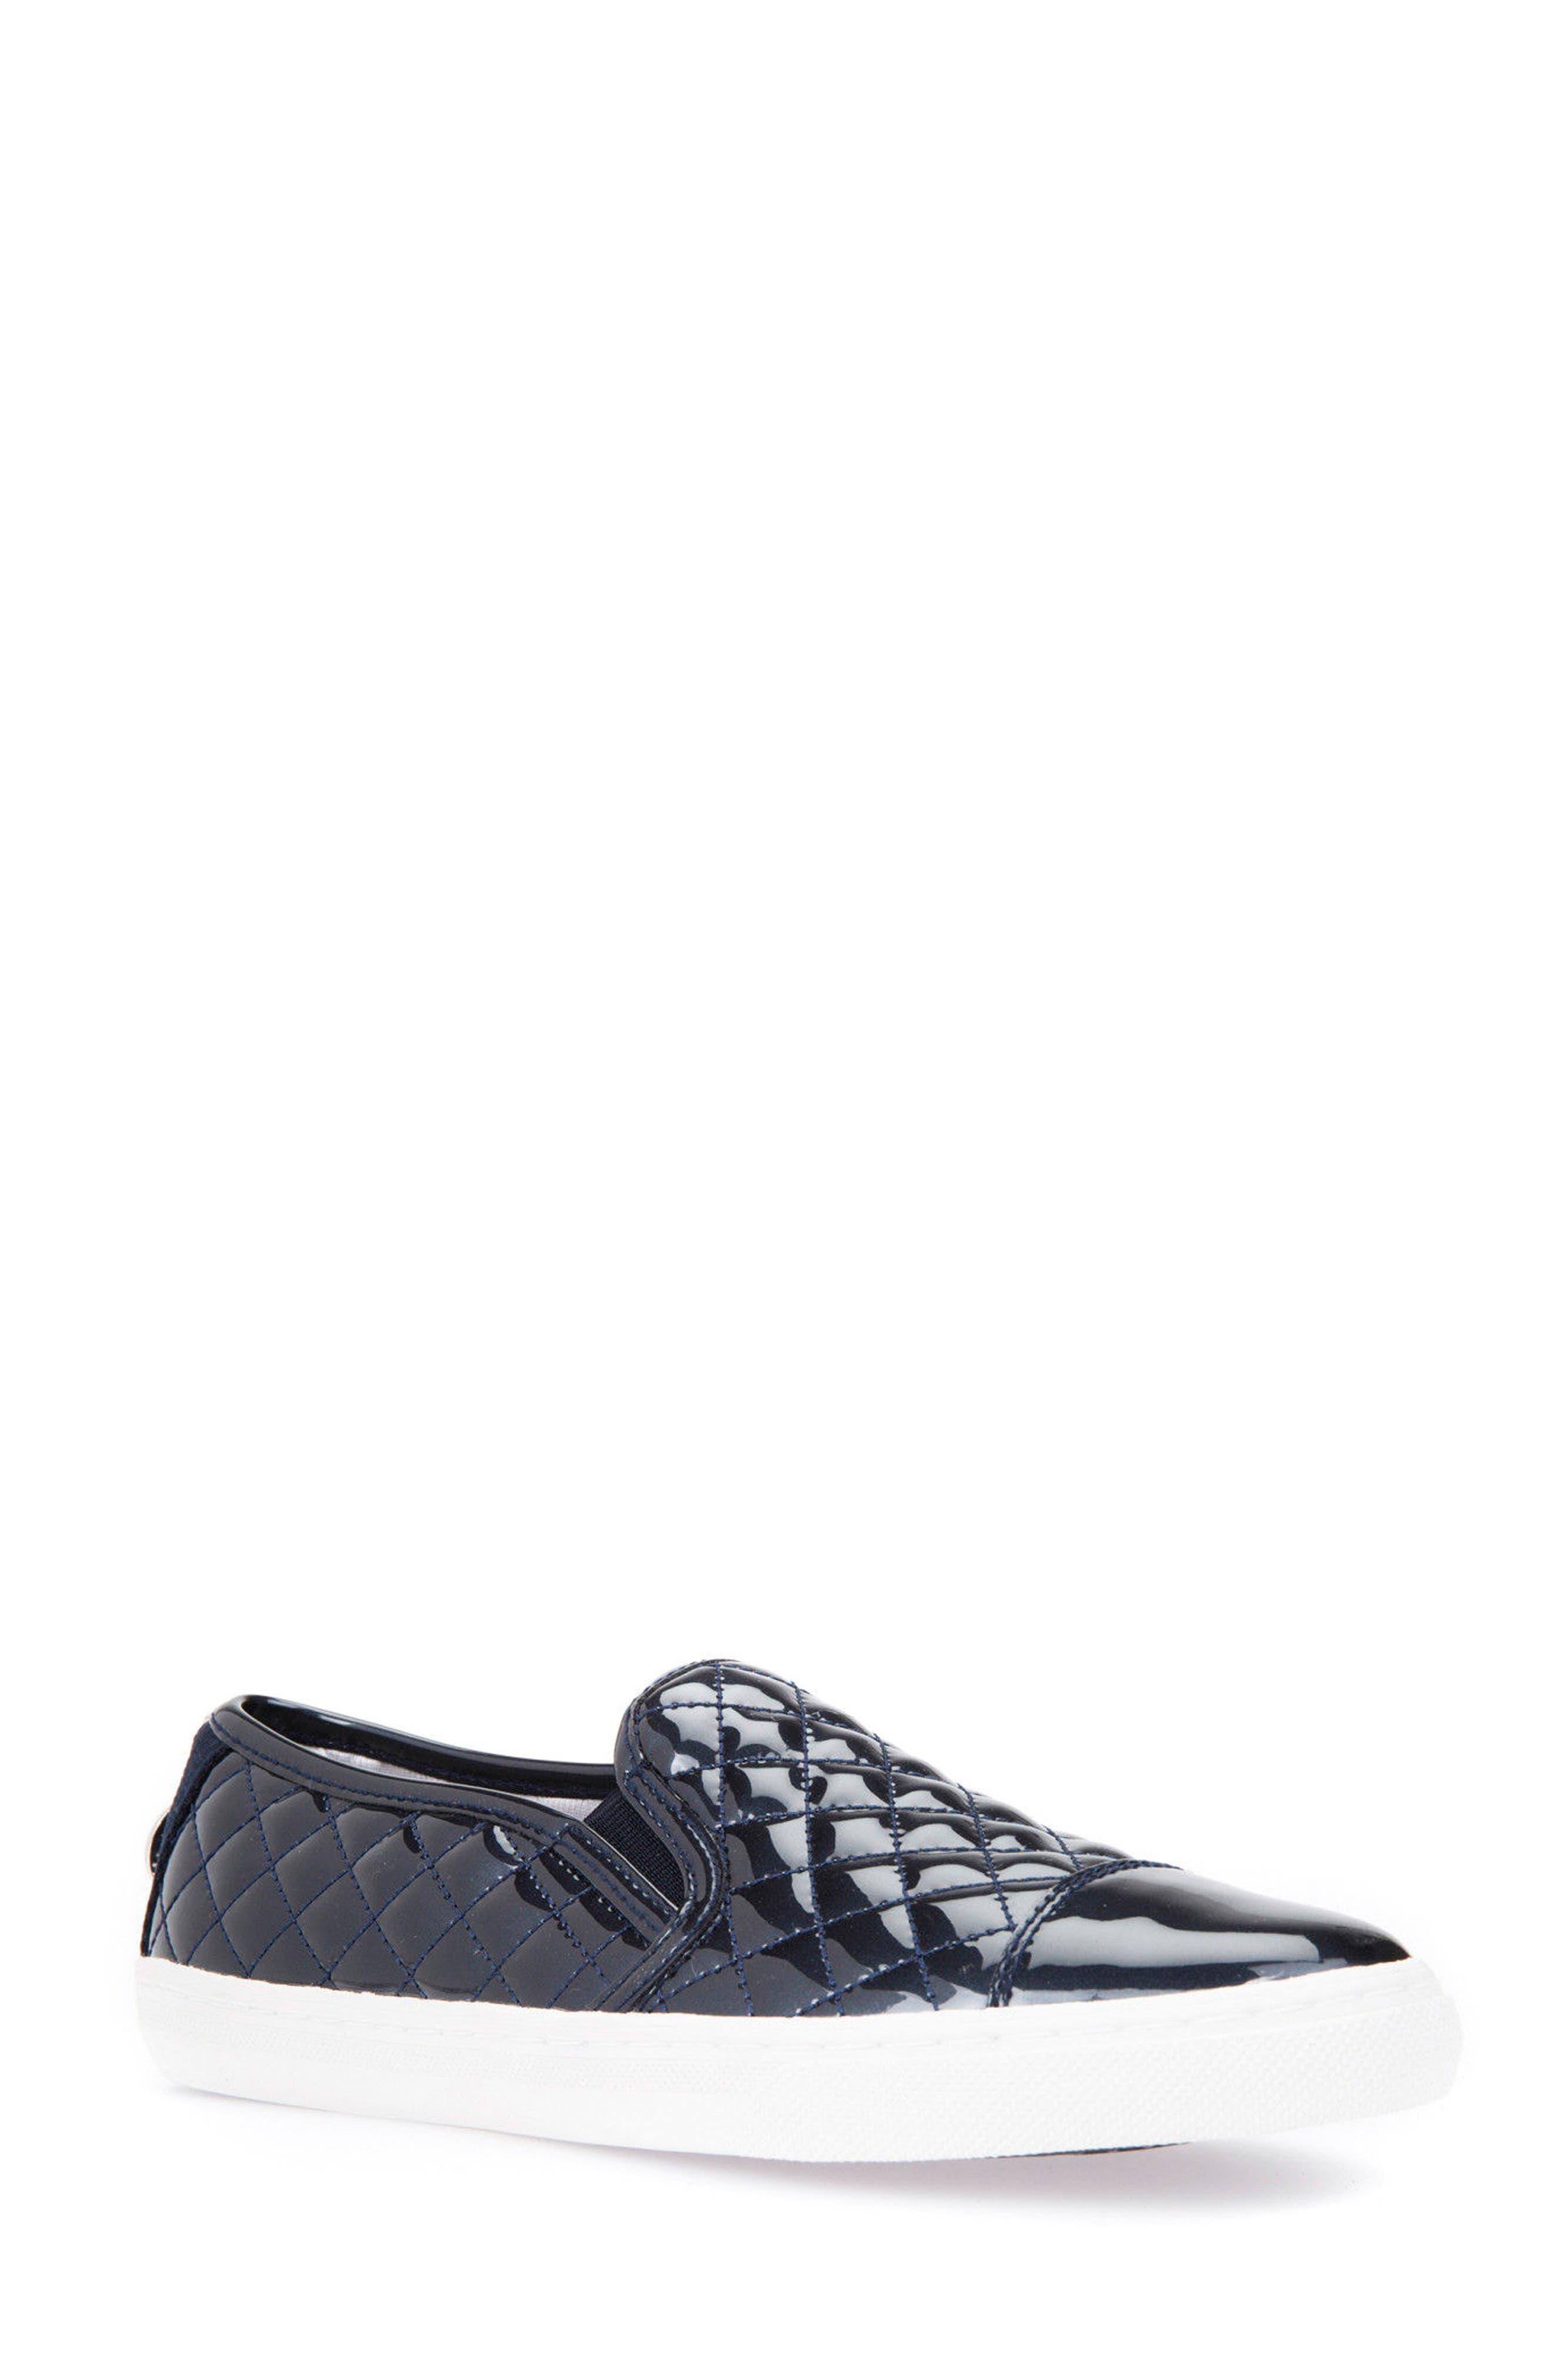 Geox 'New Club' Slip-On Sneaker (Women)